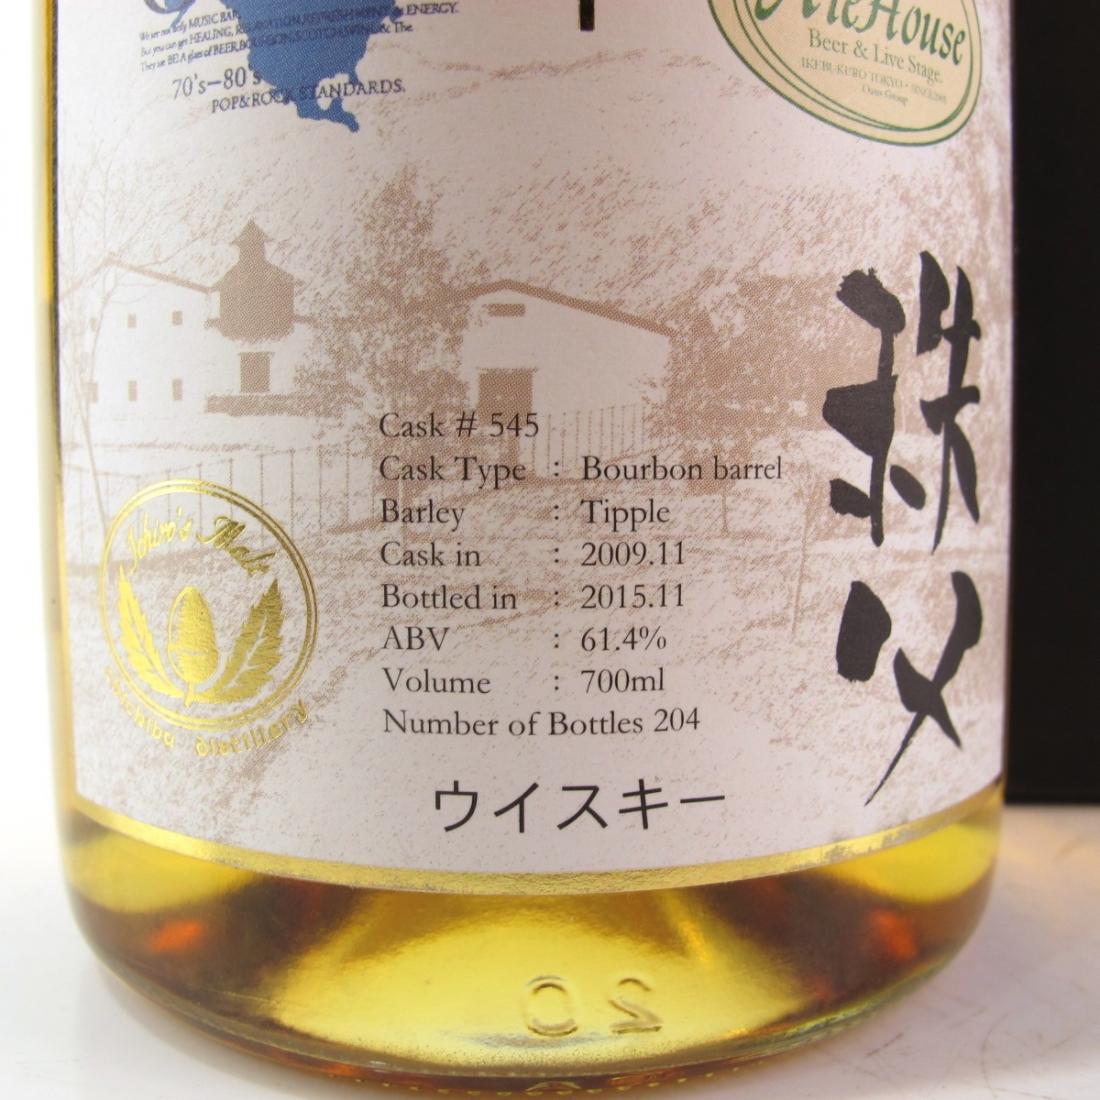 Chichibu 2009 Ichiro's Malt Dream Cask #545